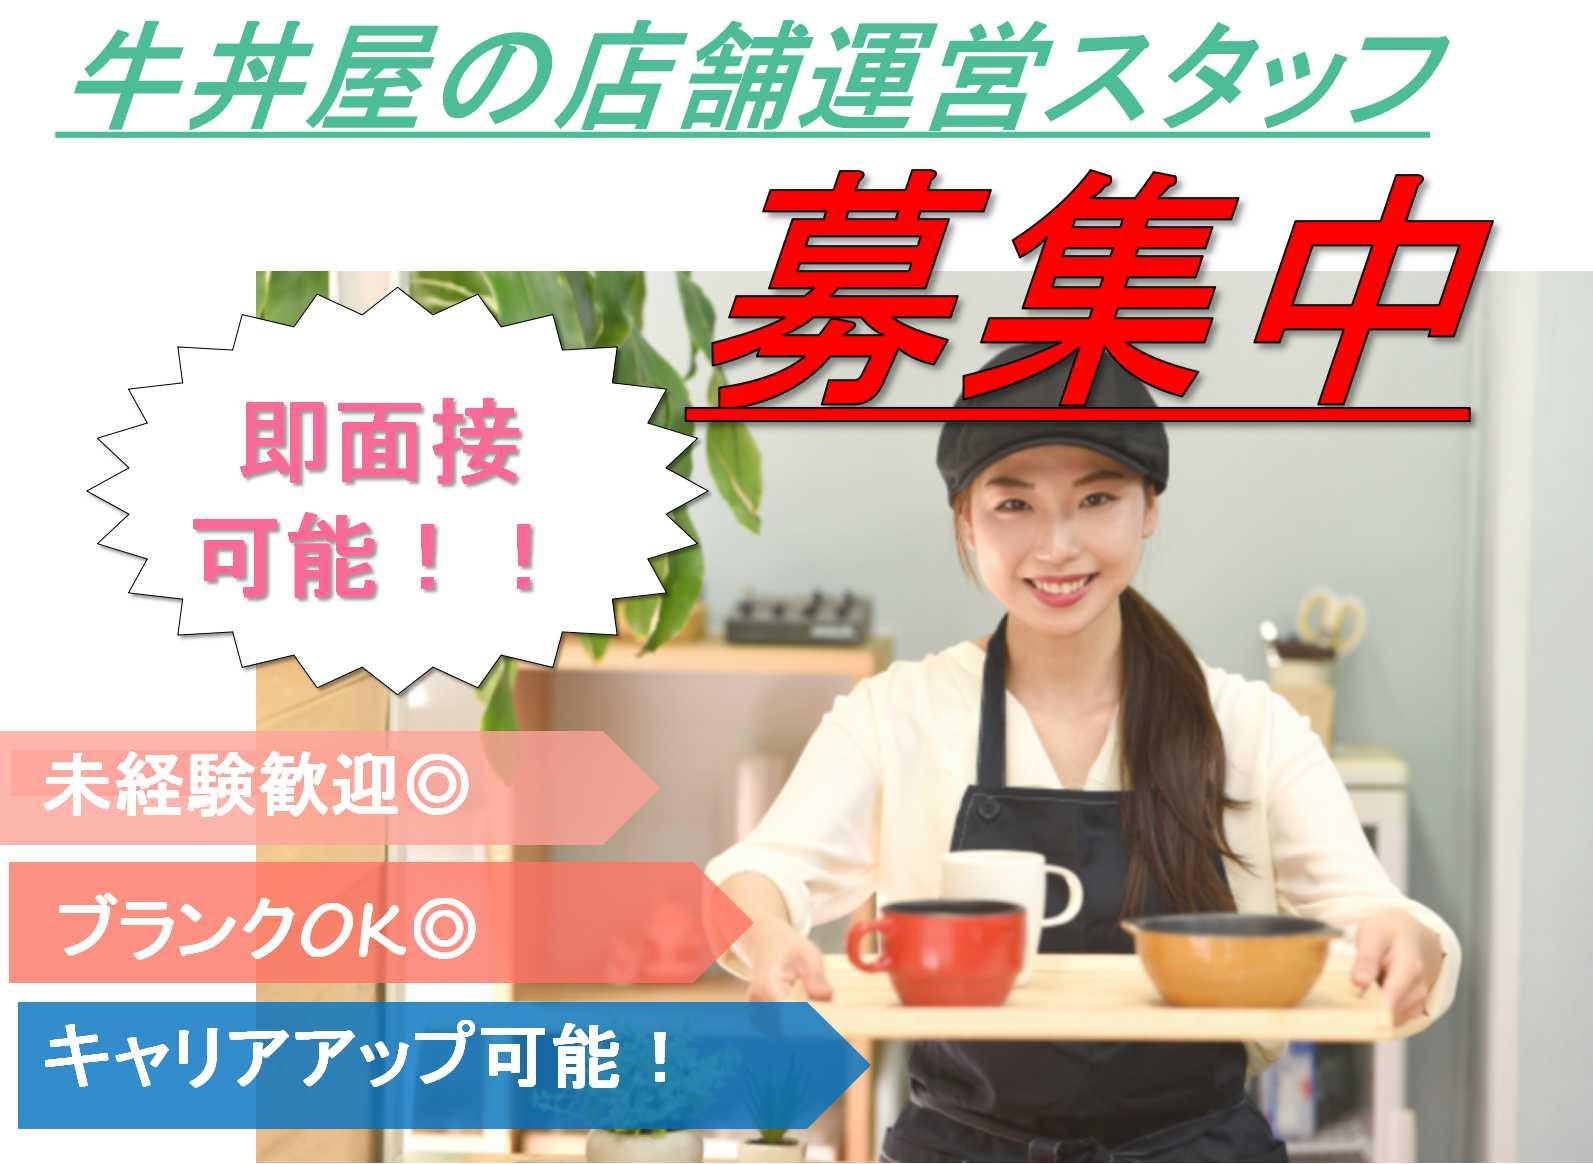 [急募]ブランクOK・手当充実・牛丼屋の店舗運営スタッフ[正社員] 羽島市 イメージ